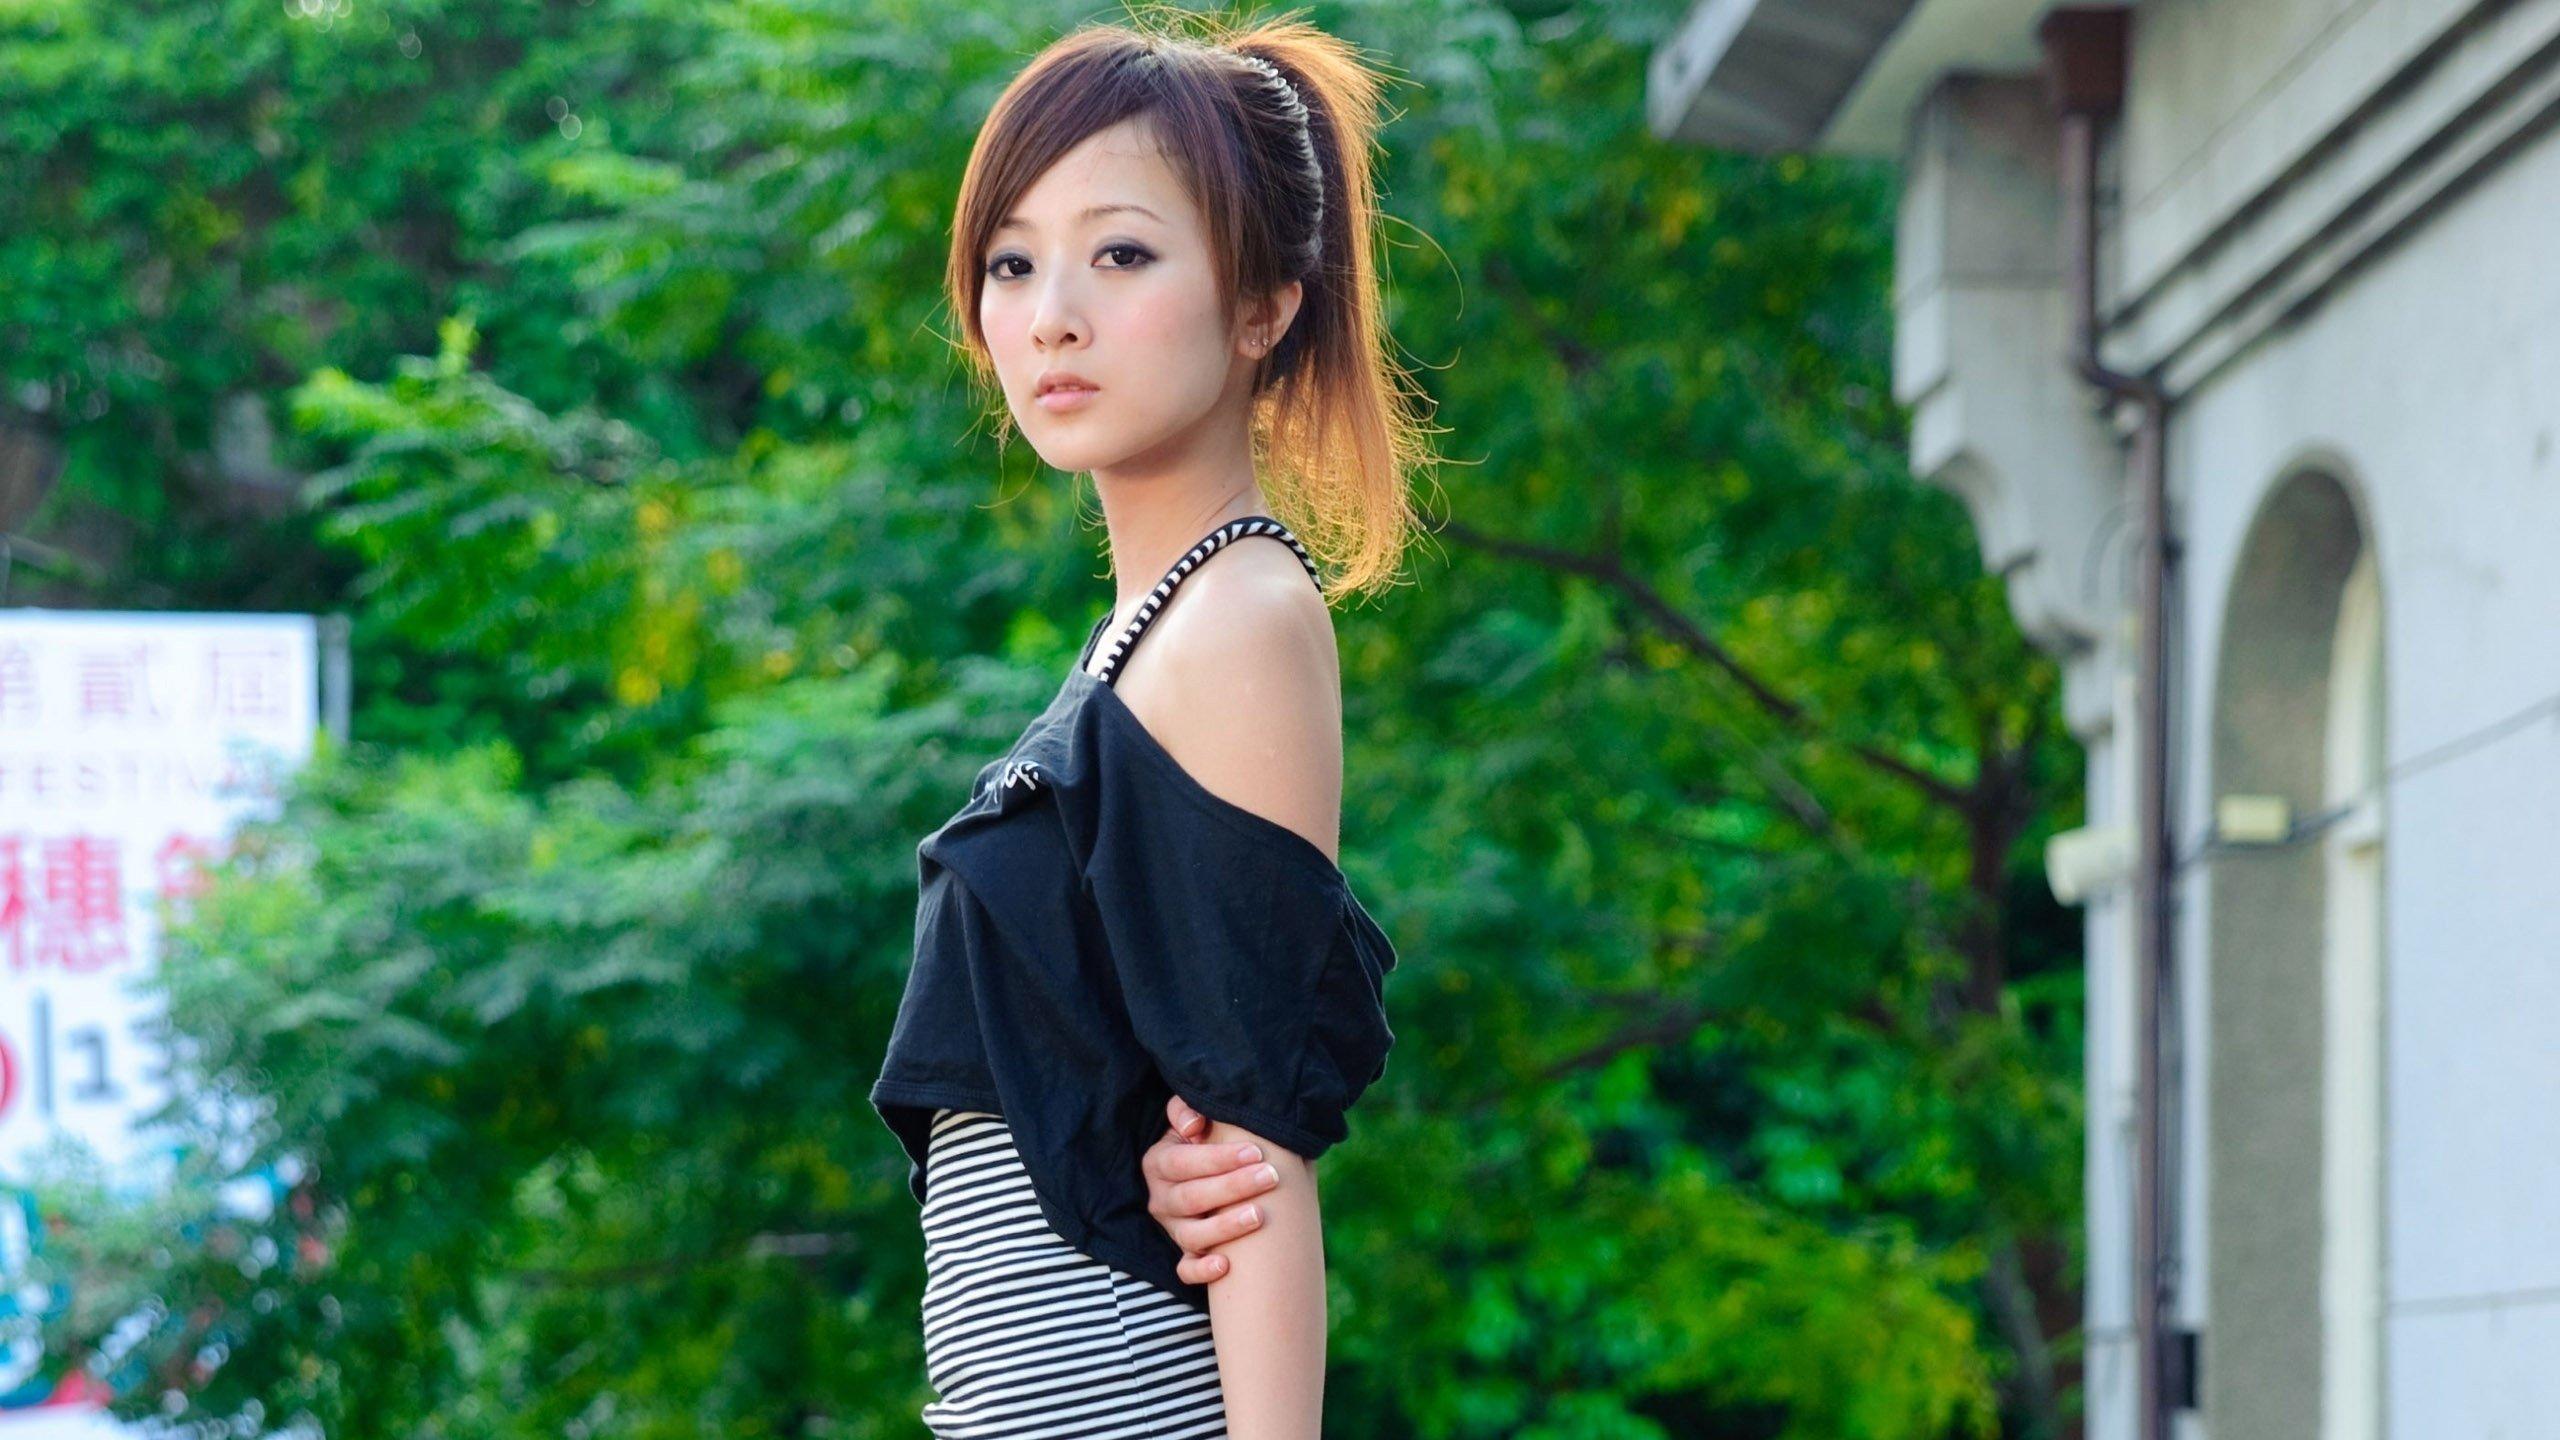 Японскую красивую видео, кореянки порно с негром